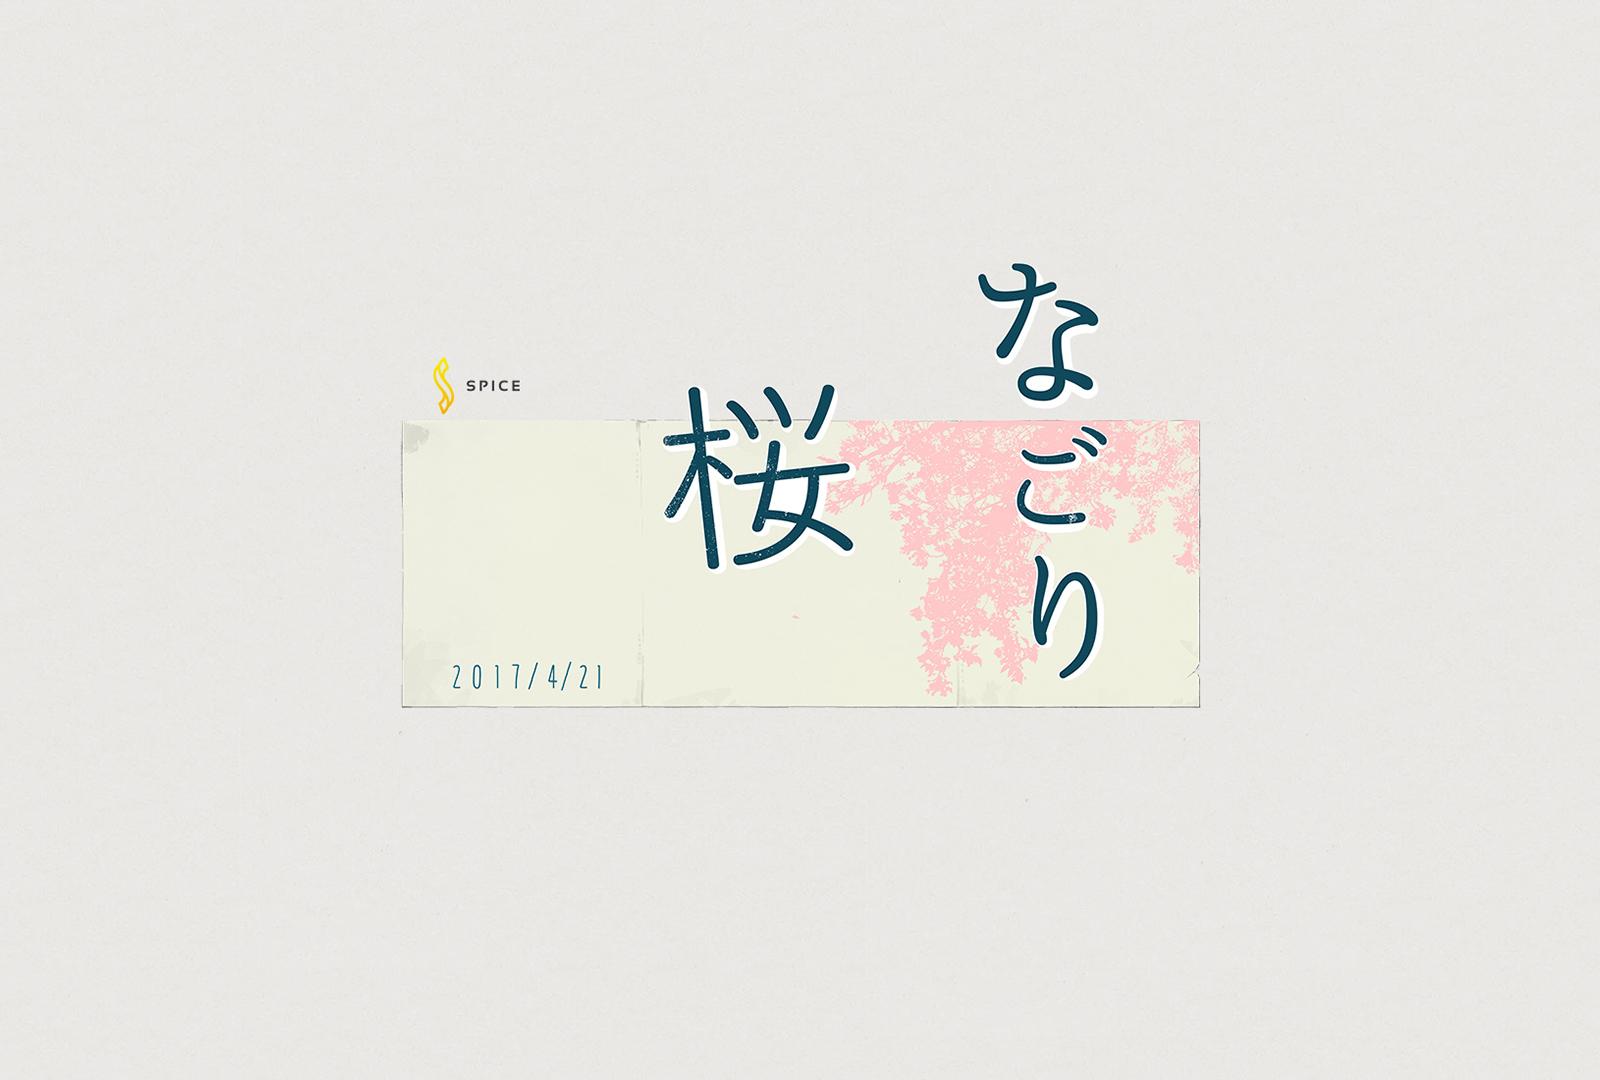 日本橋なごり桜開催のお知らせ